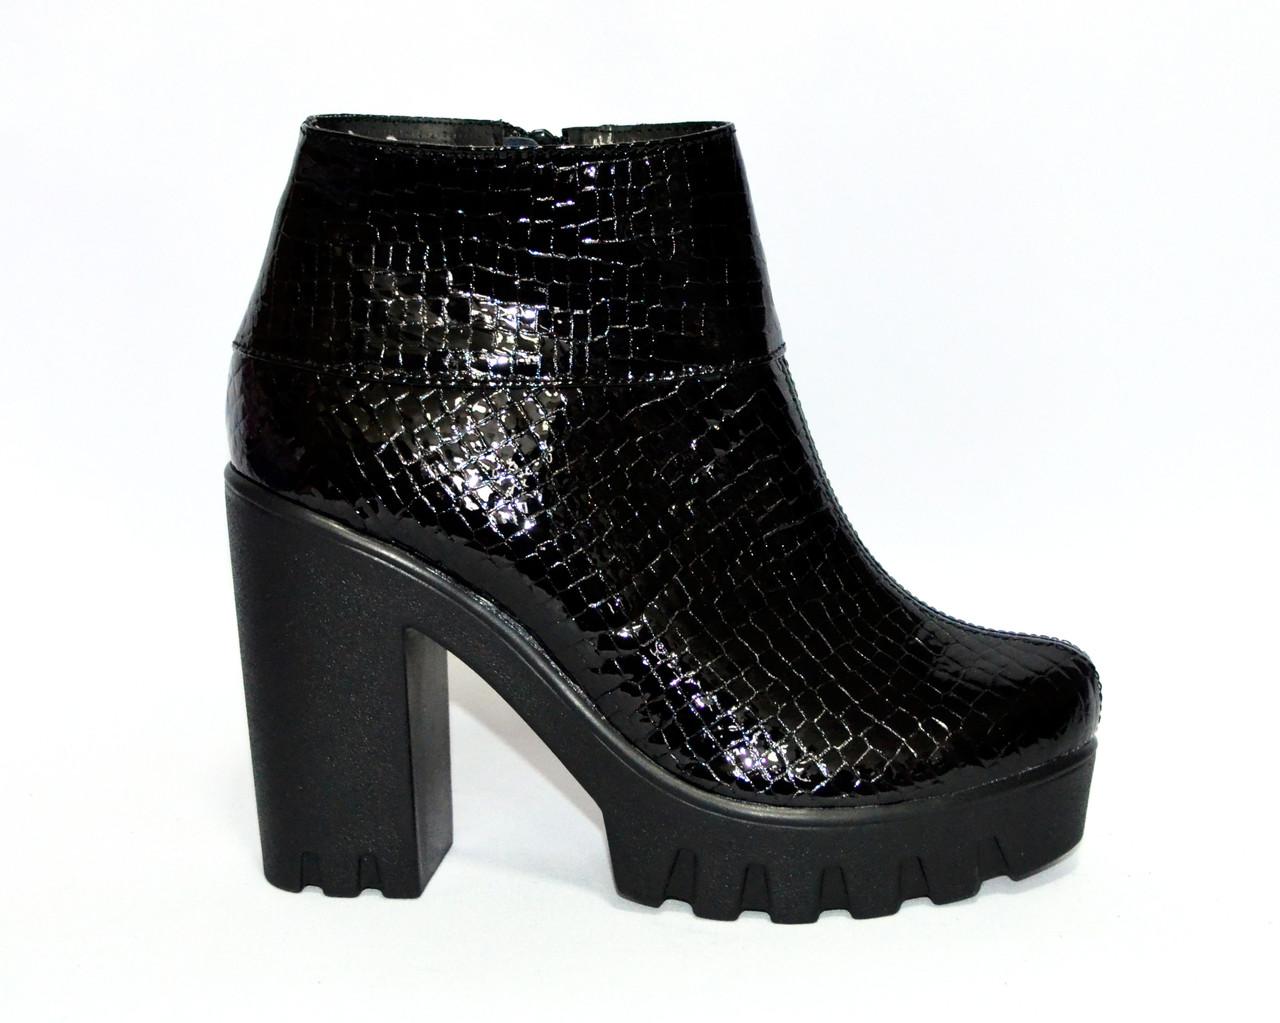 1ac1c873f Ботинки стильные женские демисезонные на тракторной подошве, кожа